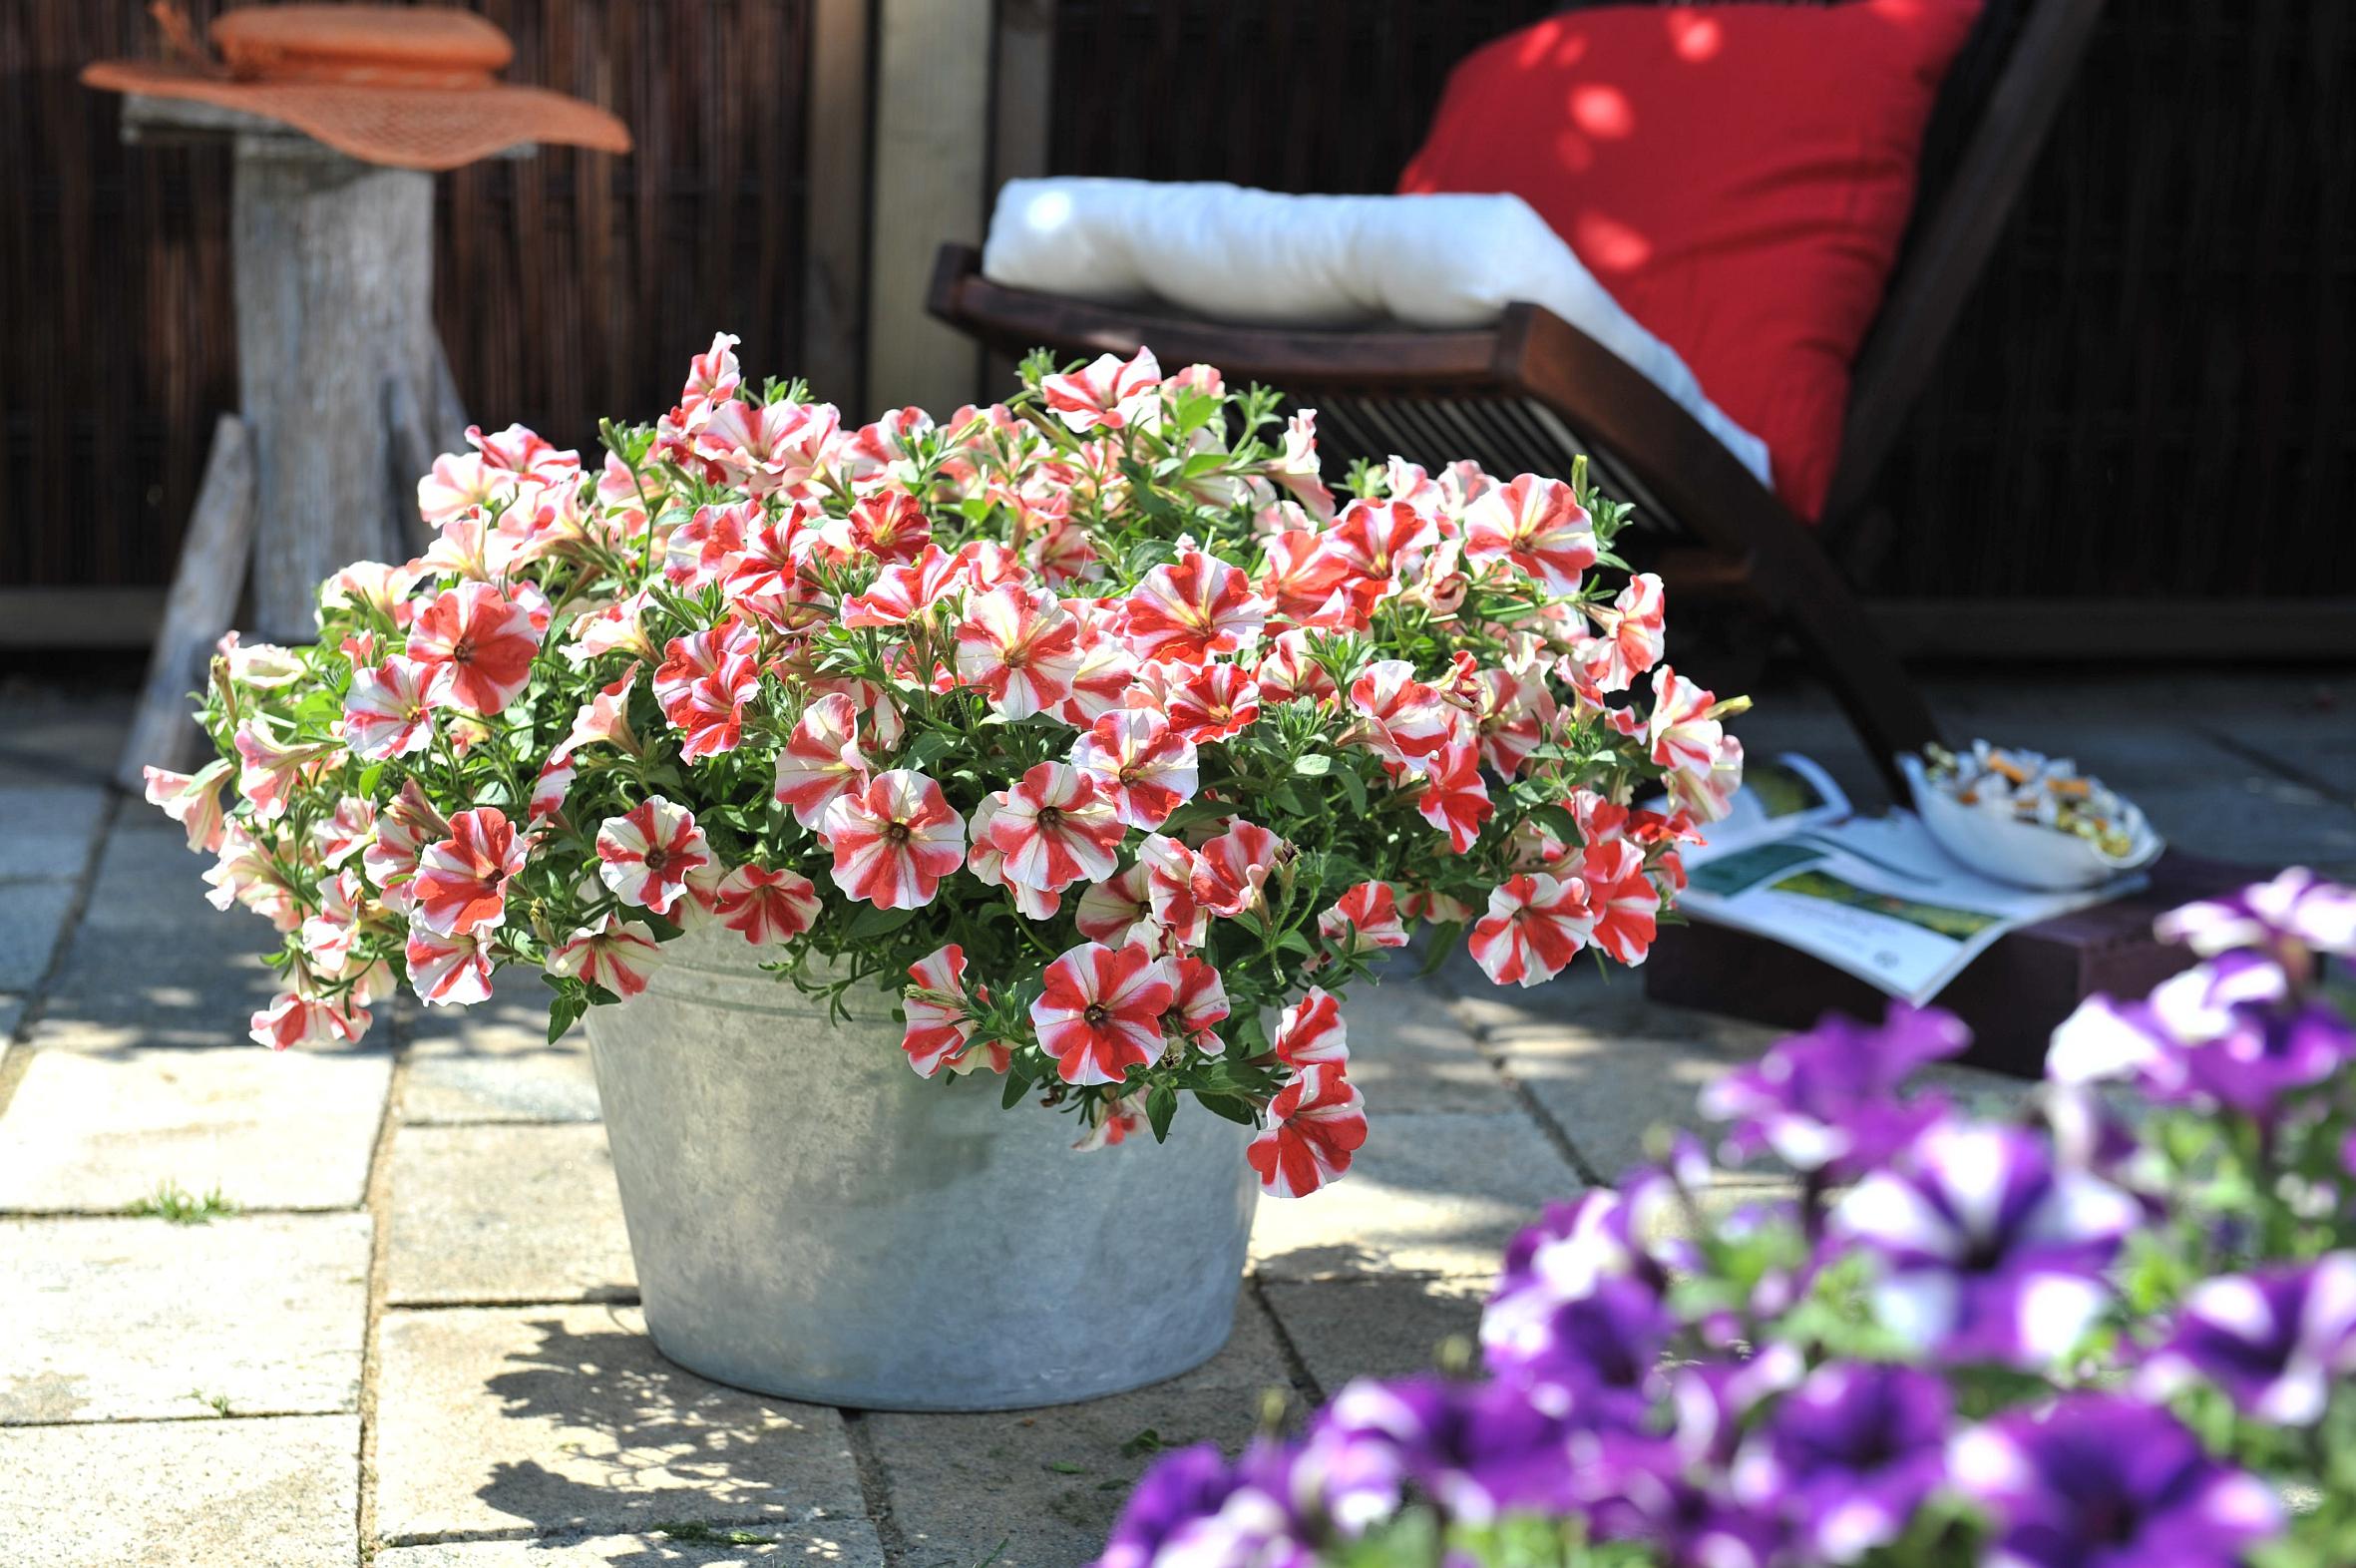 gute laune garantiert petunie feine fine wird pflanze des jahres 2013 in berlin und. Black Bedroom Furniture Sets. Home Design Ideas